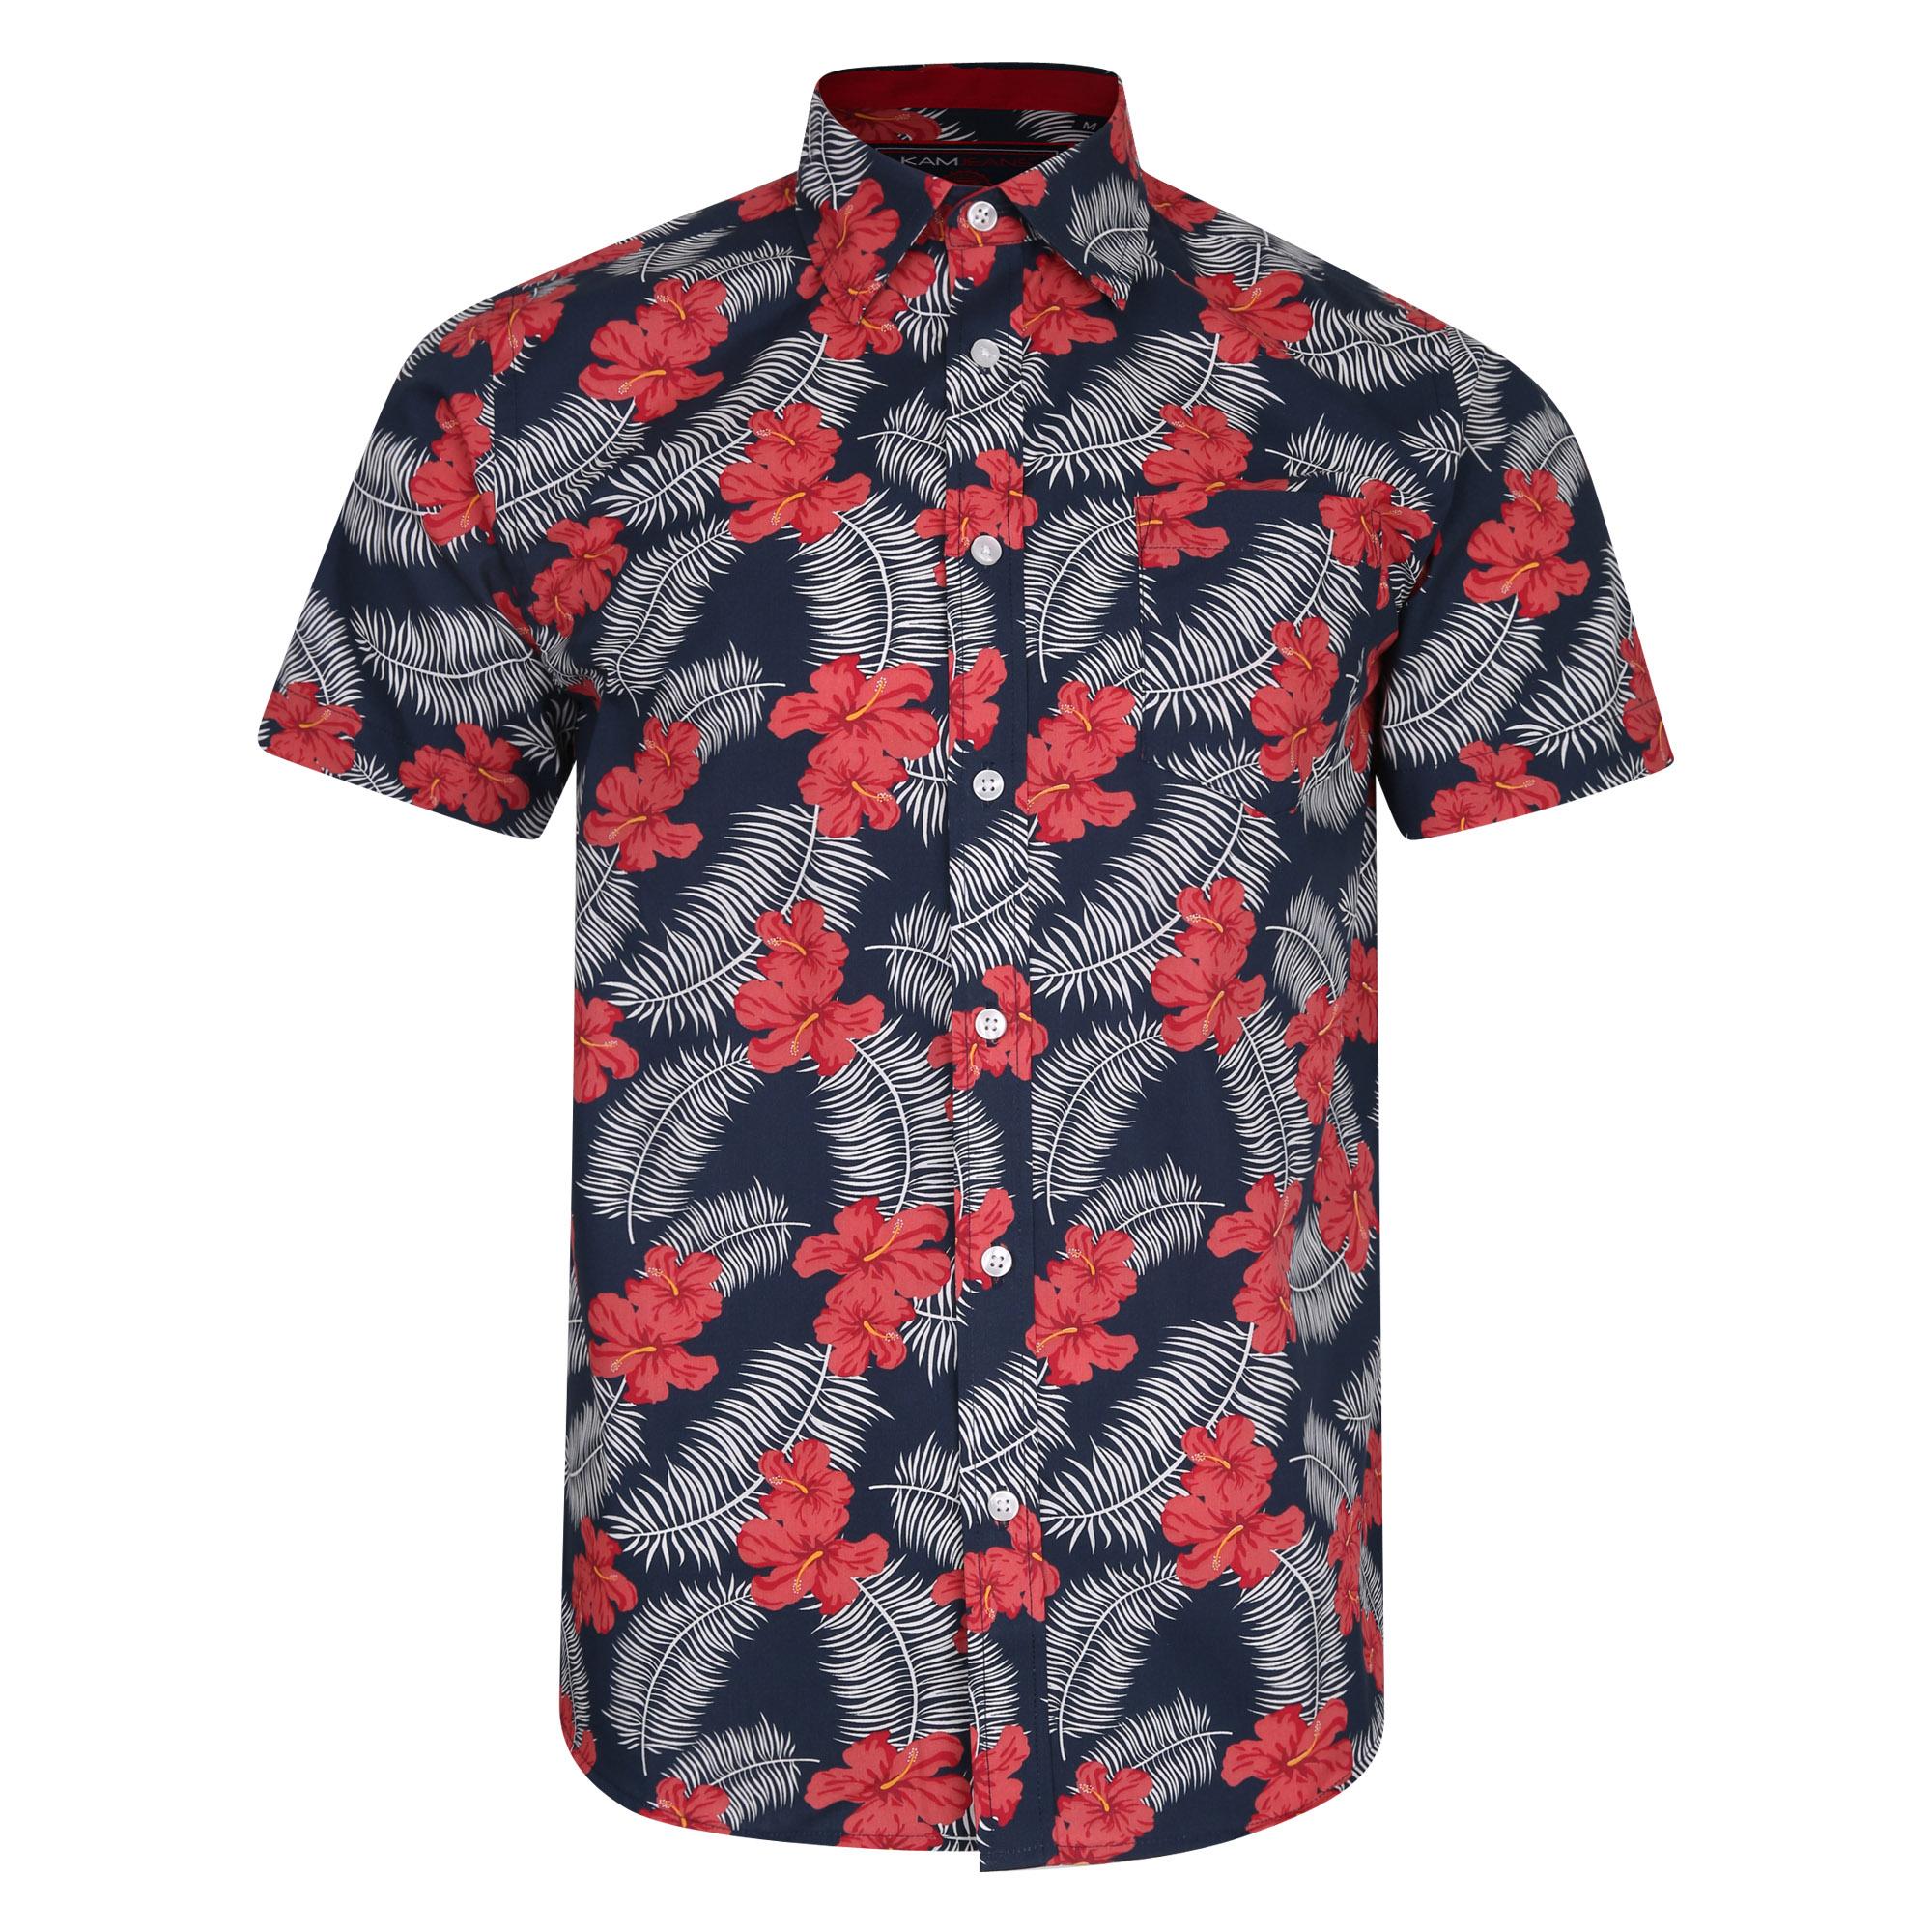 """Overhemd """"Floral"""" van merk KAM JEANSWEAR in de kleur navy met rood floral print, gemaakt van 65% cotton en 35% polyester."""